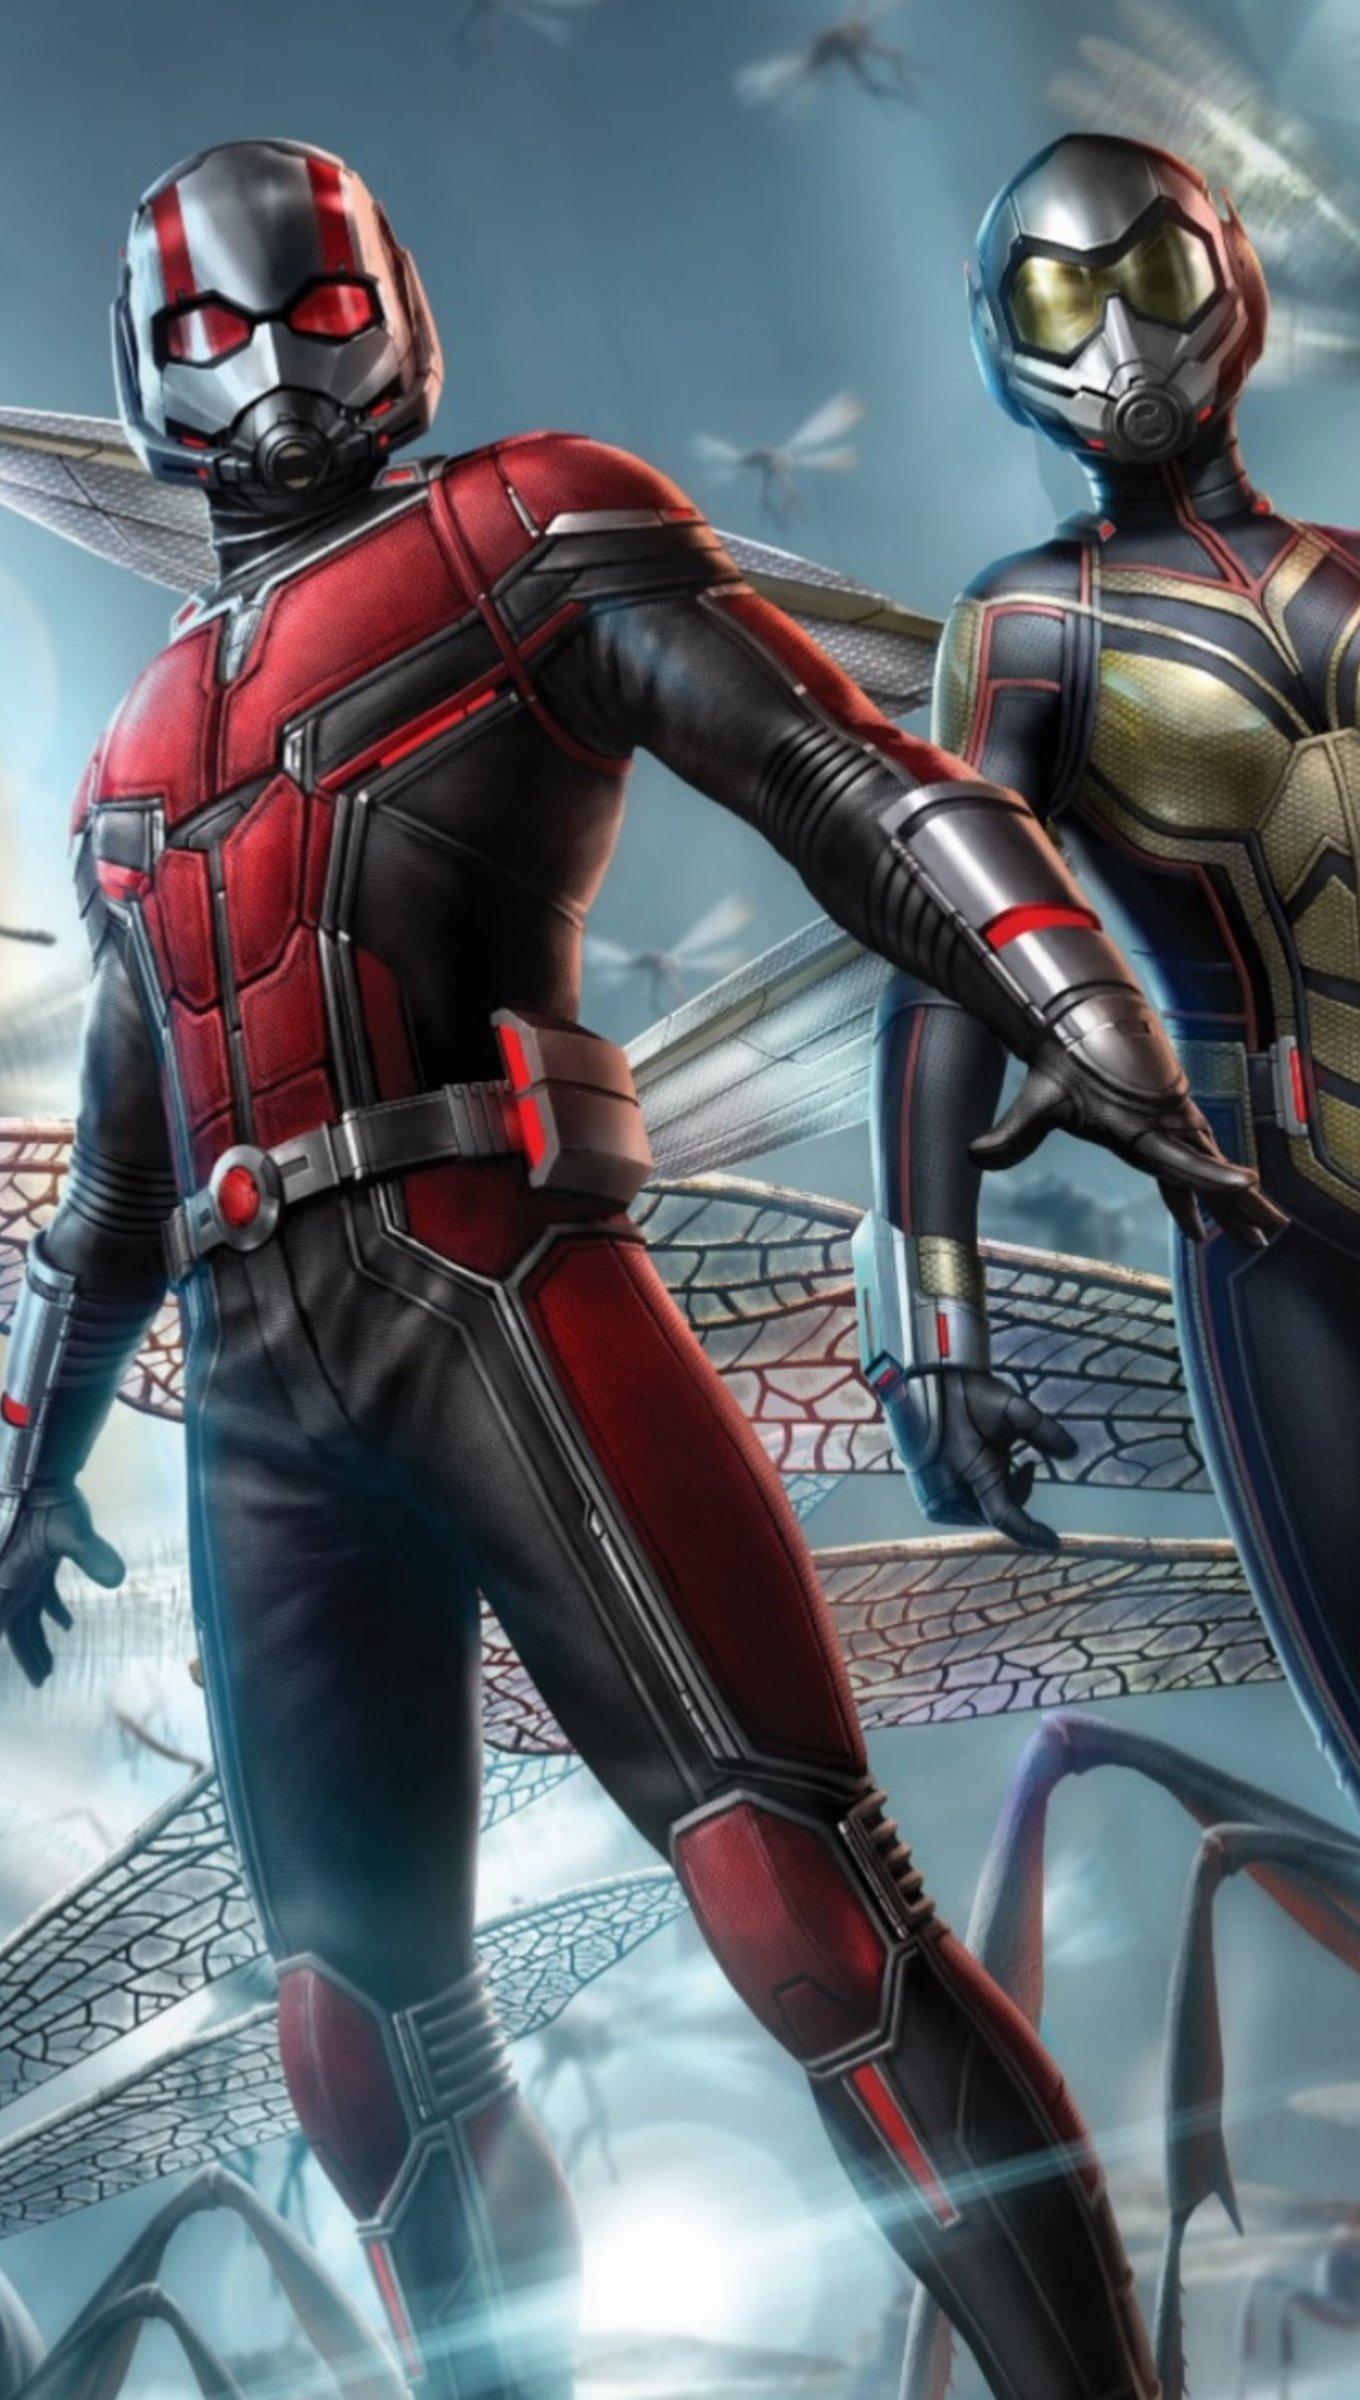 Fondos de pantalla La avispa y Ant Man Vertical